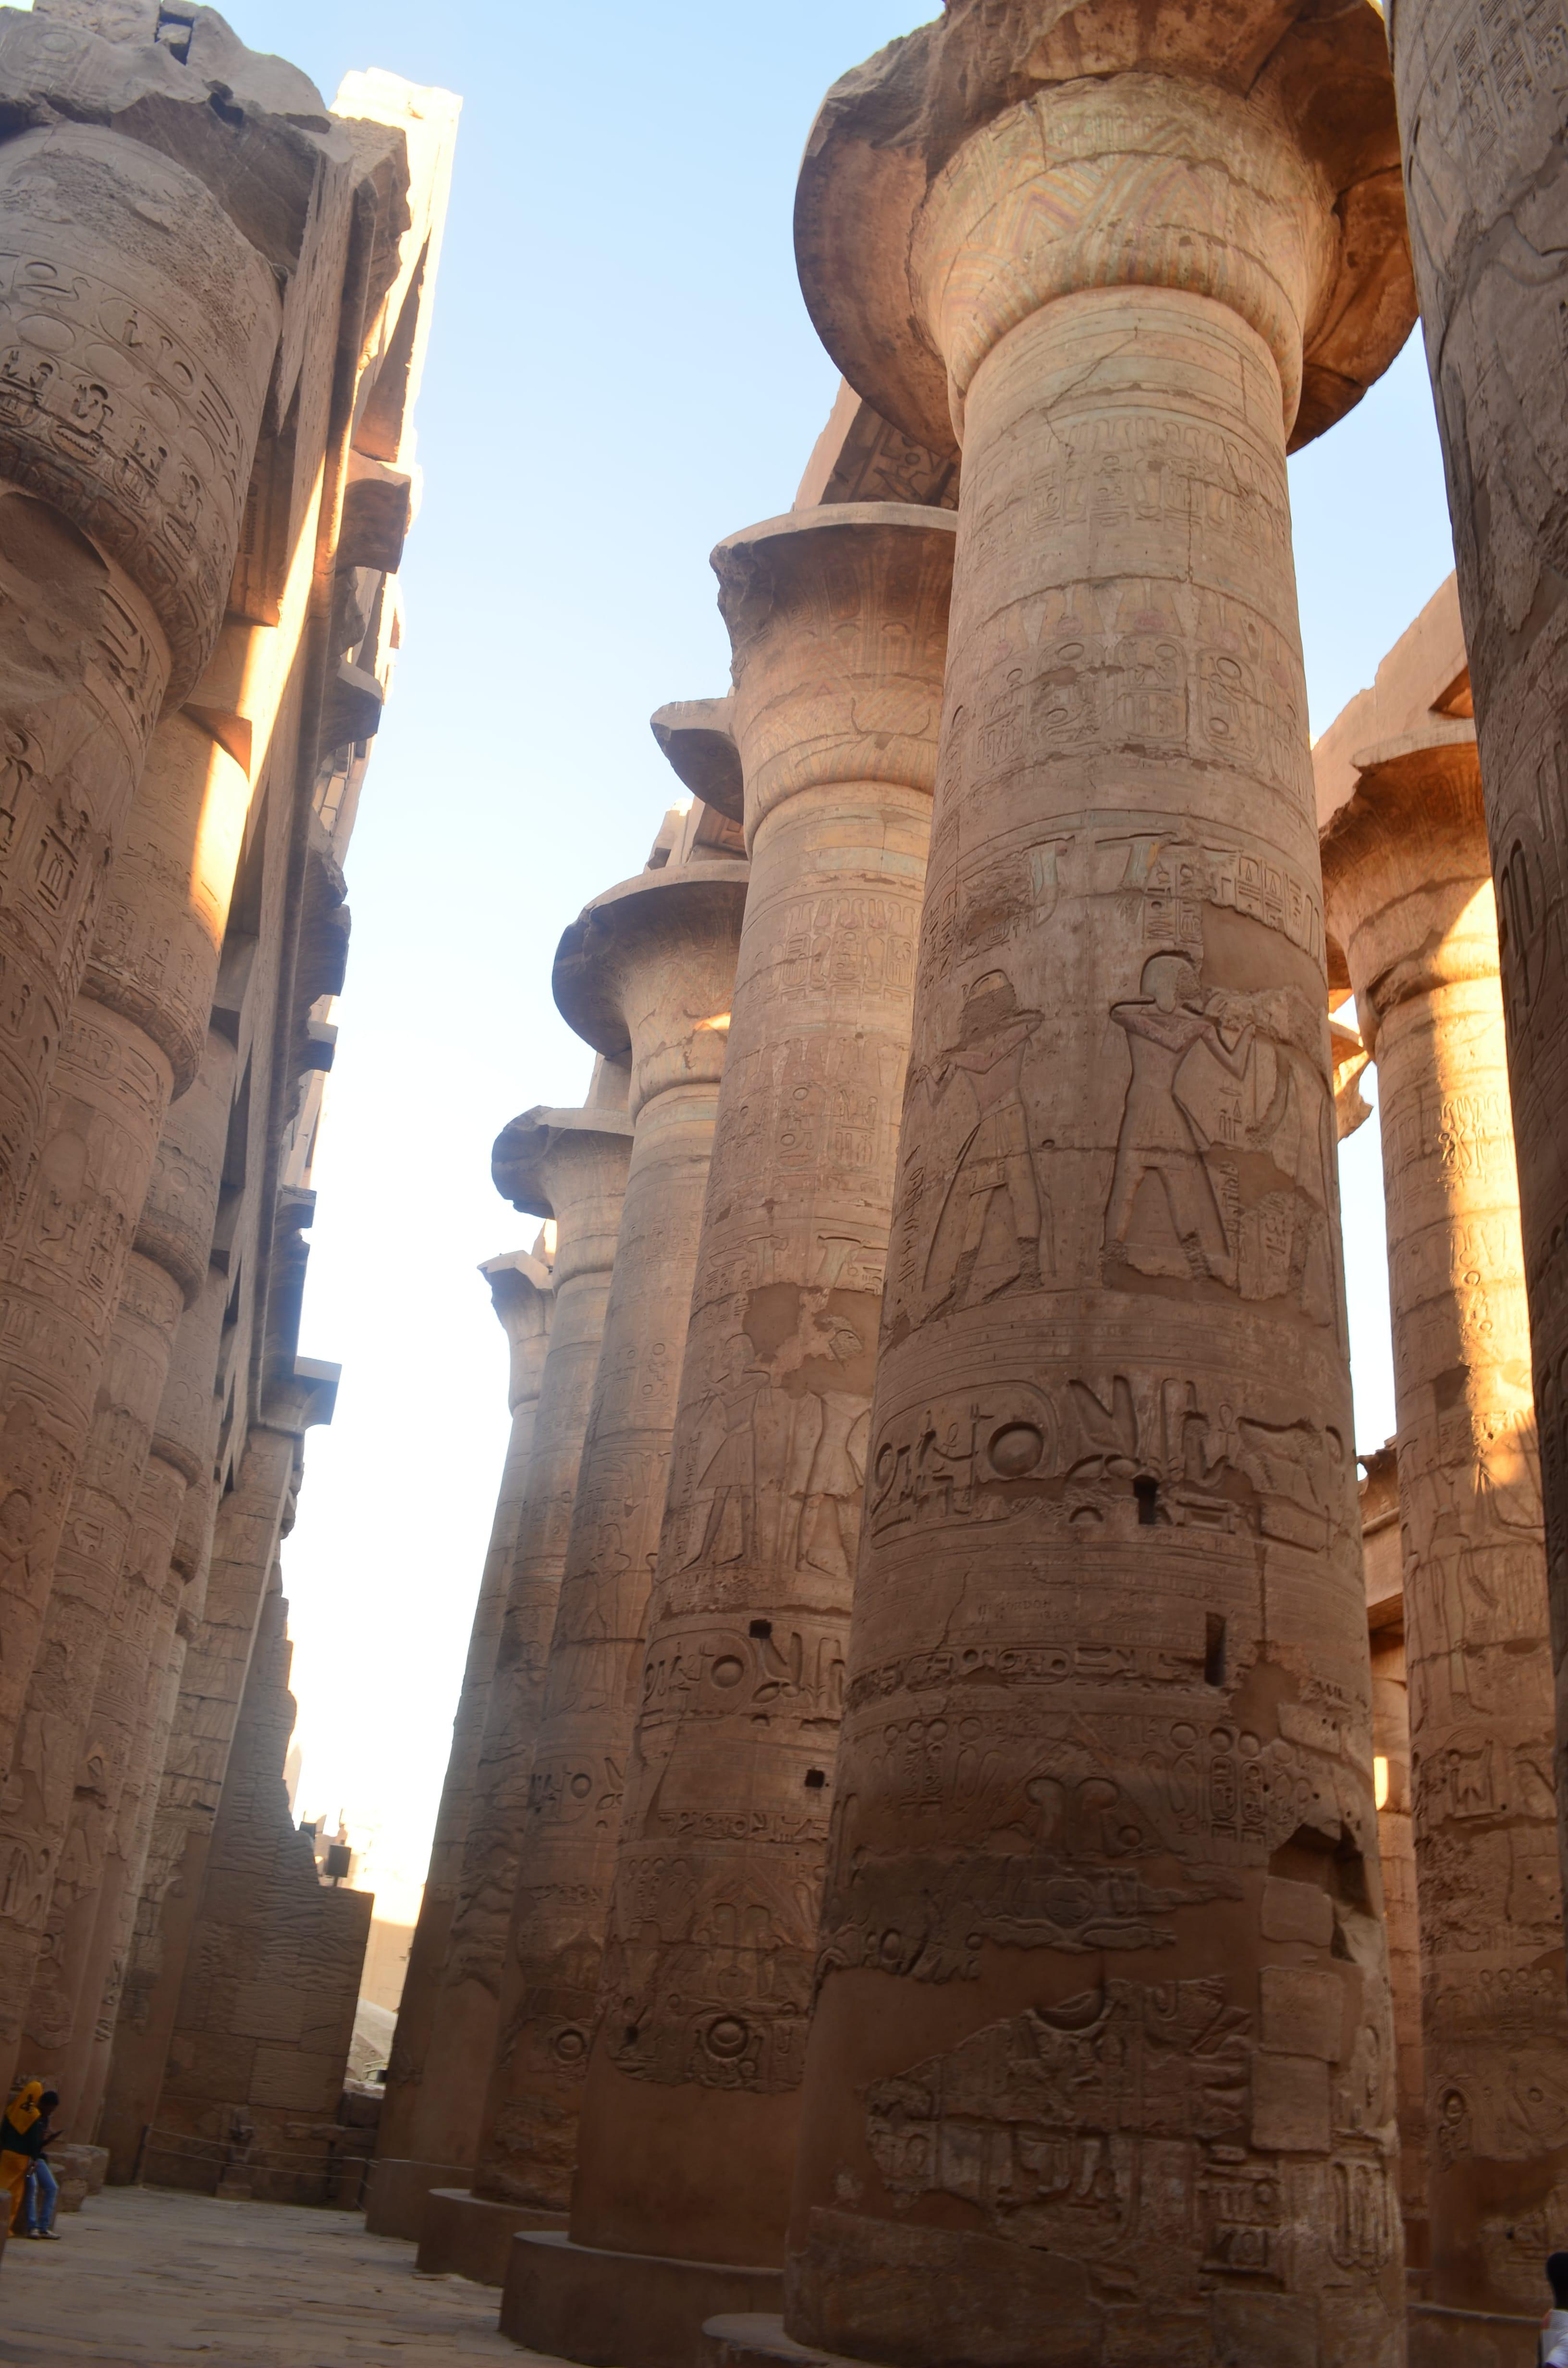 Columnas en el templo de Karnak en Egipto